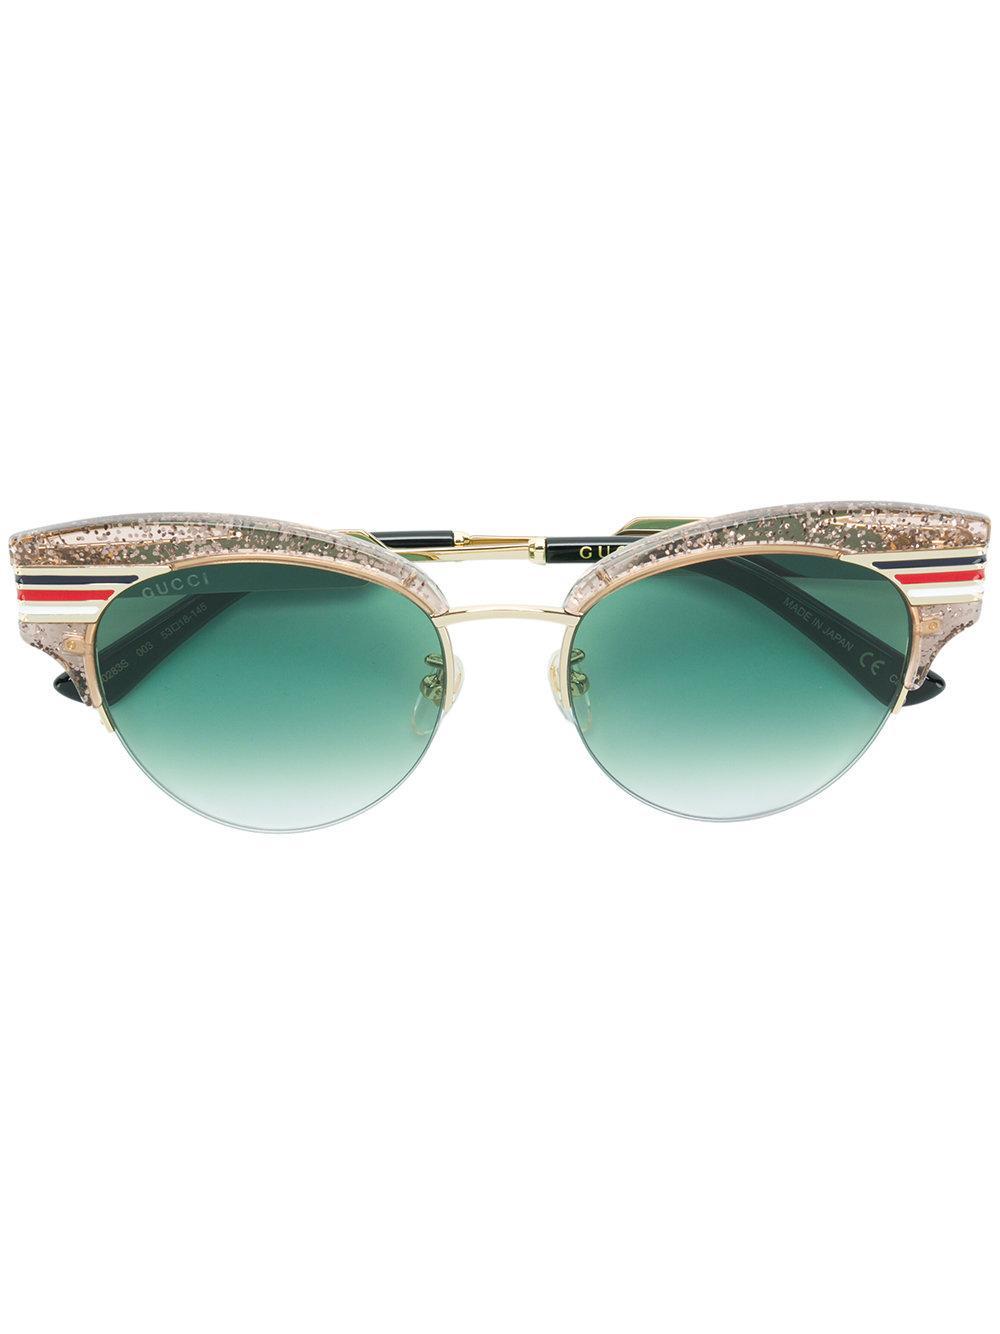 6674369a692 Gucci Eyewear Giltter Oversized Cat Eye Sunglasses - Purple